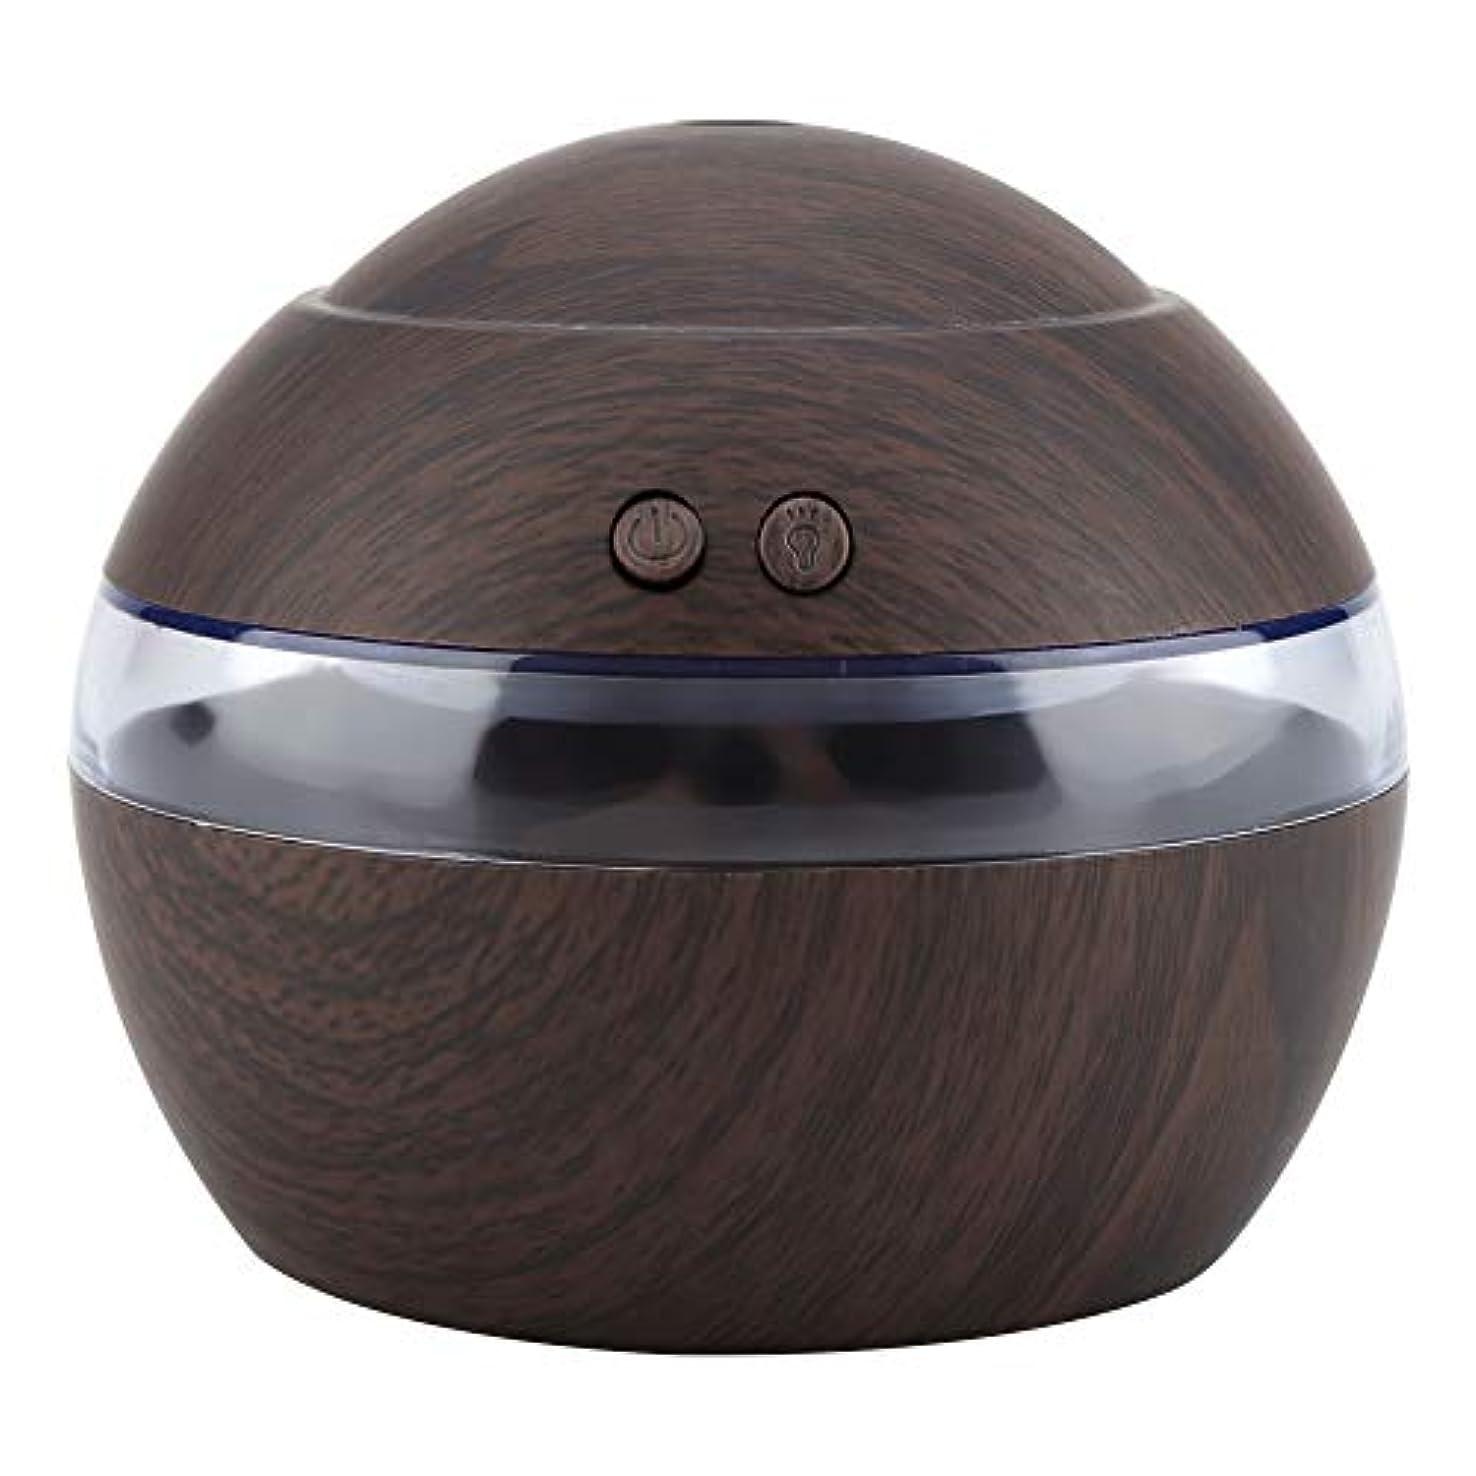 会う元気な例エッセンシャルオイルディフューザー、300ml USBクールミスト加湿器かなりアロマセラピーアロマオイル加湿器気化器ライト付き(ダークウッド)